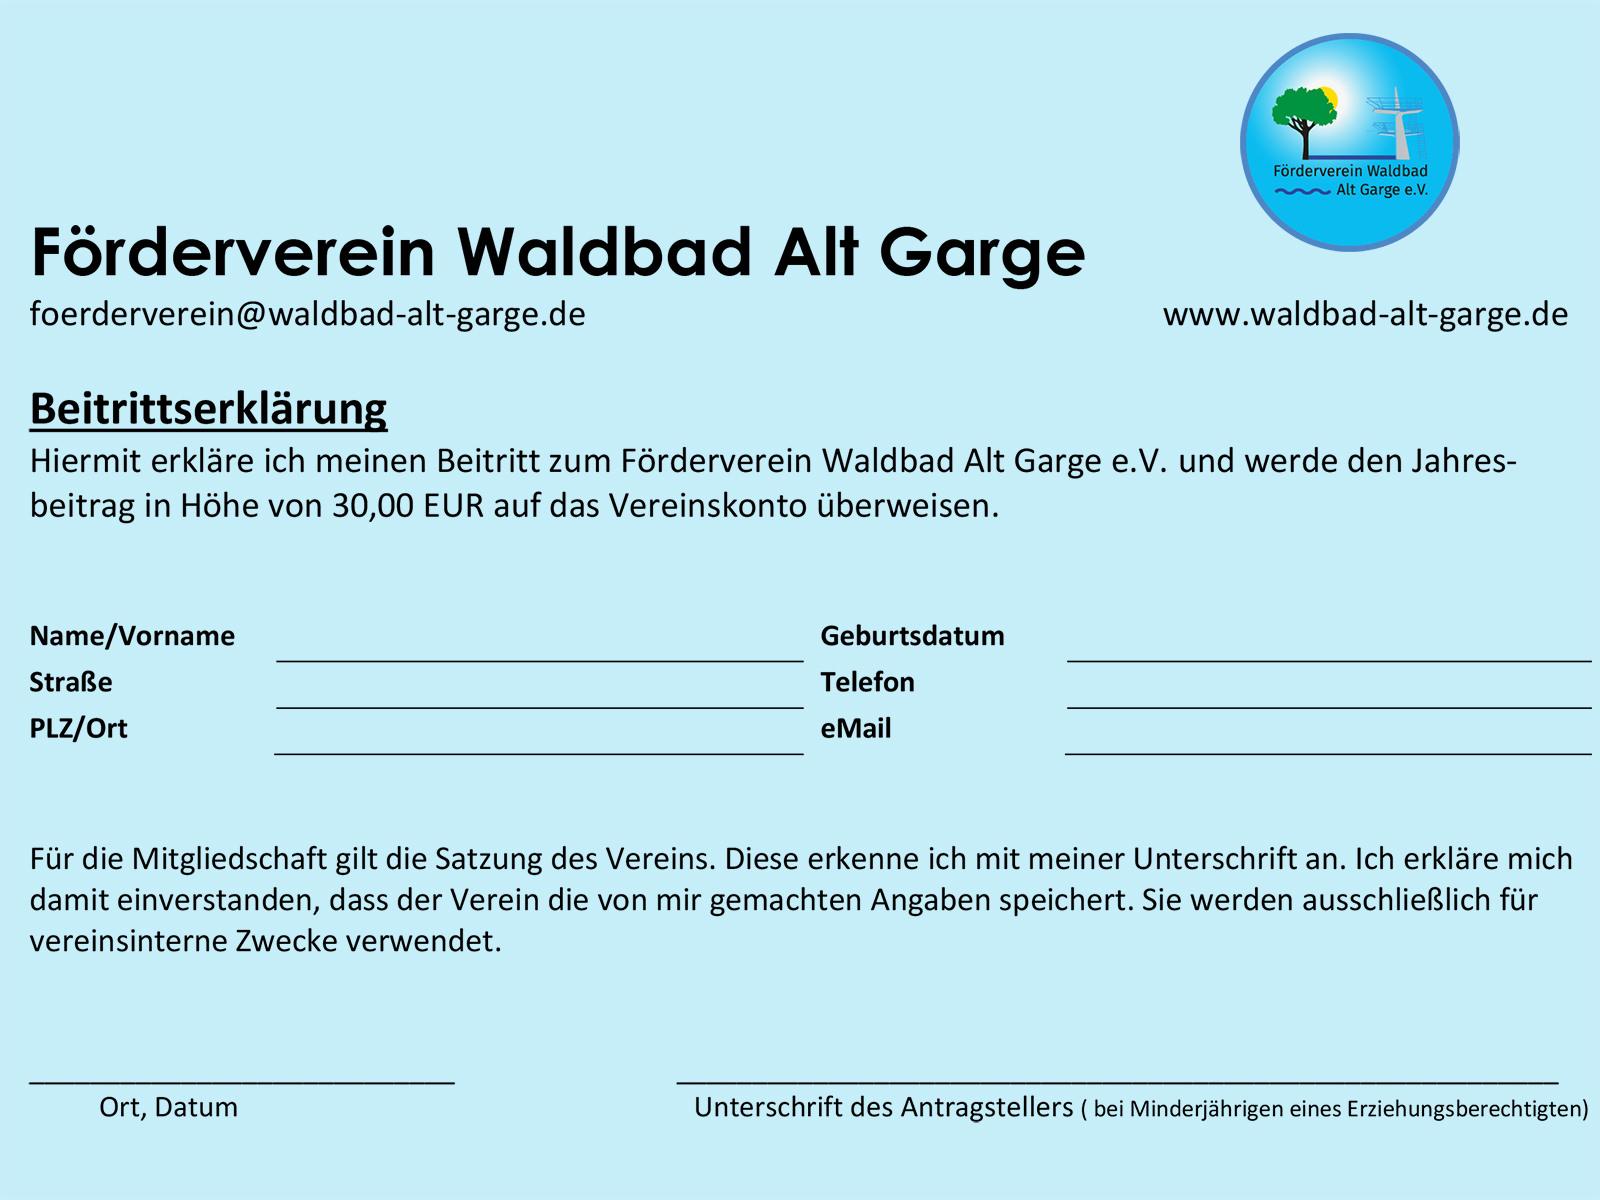 Beitrittserklärung Förderverein Waldbad Alt Garge